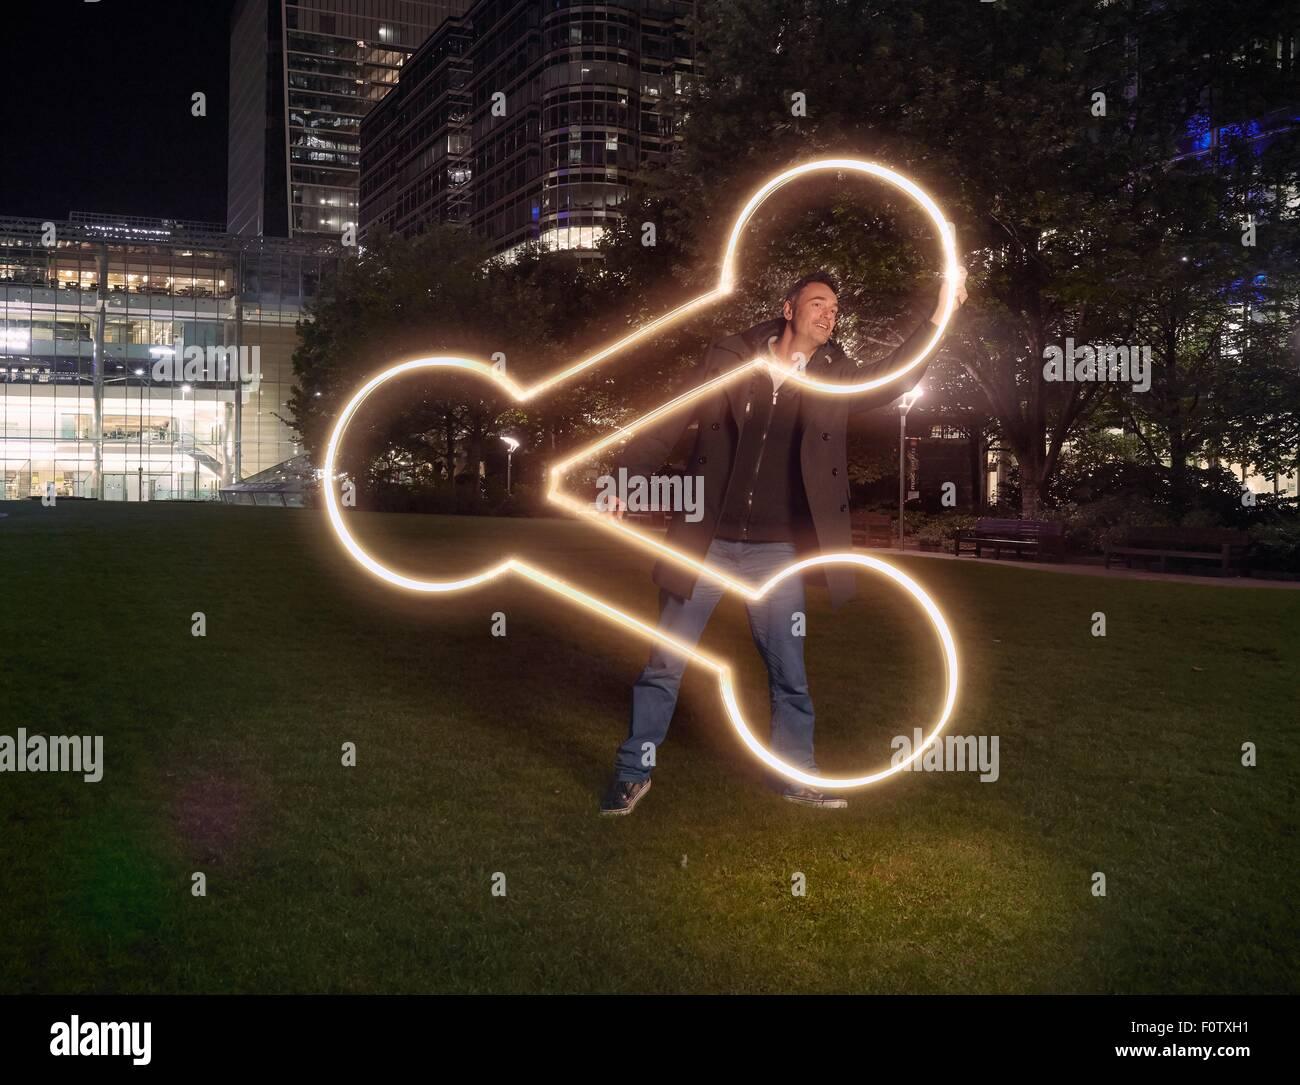 La peinture de l'artiste partager bureau extérieur symbole building at night Photo Stock